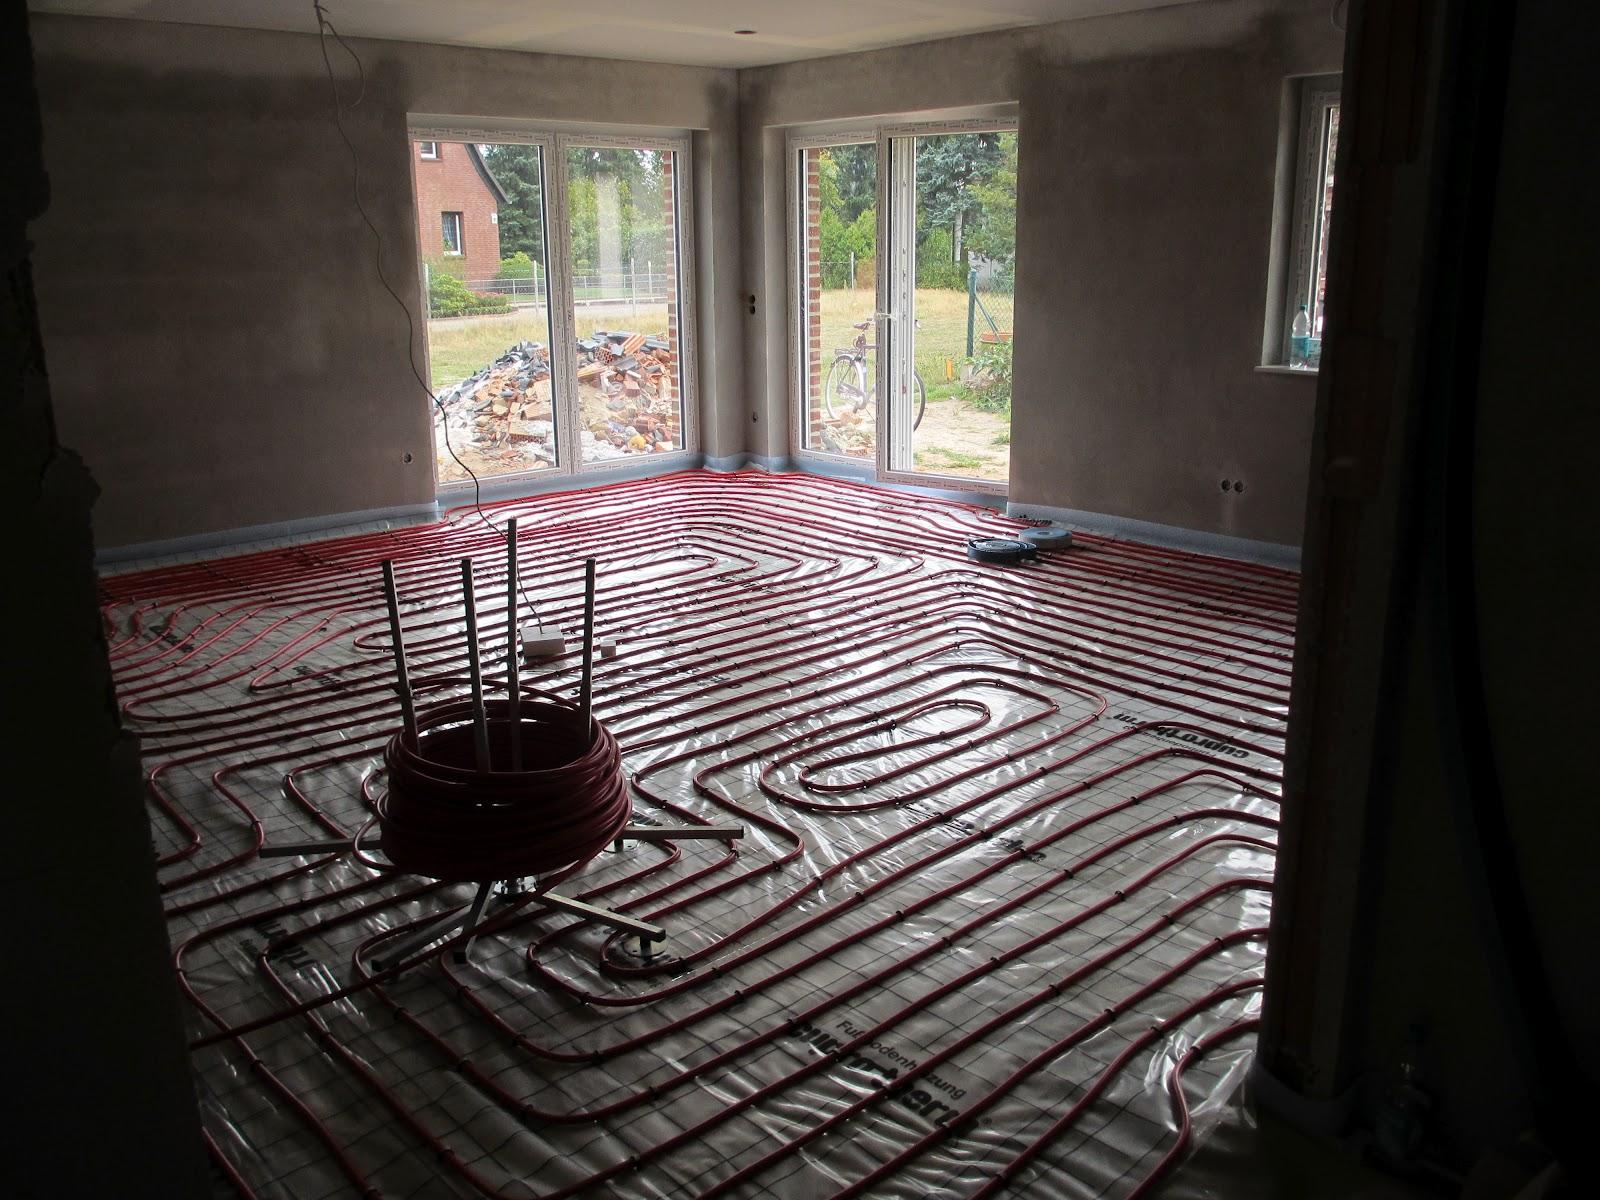 Fußboden Dämmen Folie ~ Fußbodenheizung sorgfältig verlegt die alten bauen ihren ruhesitz